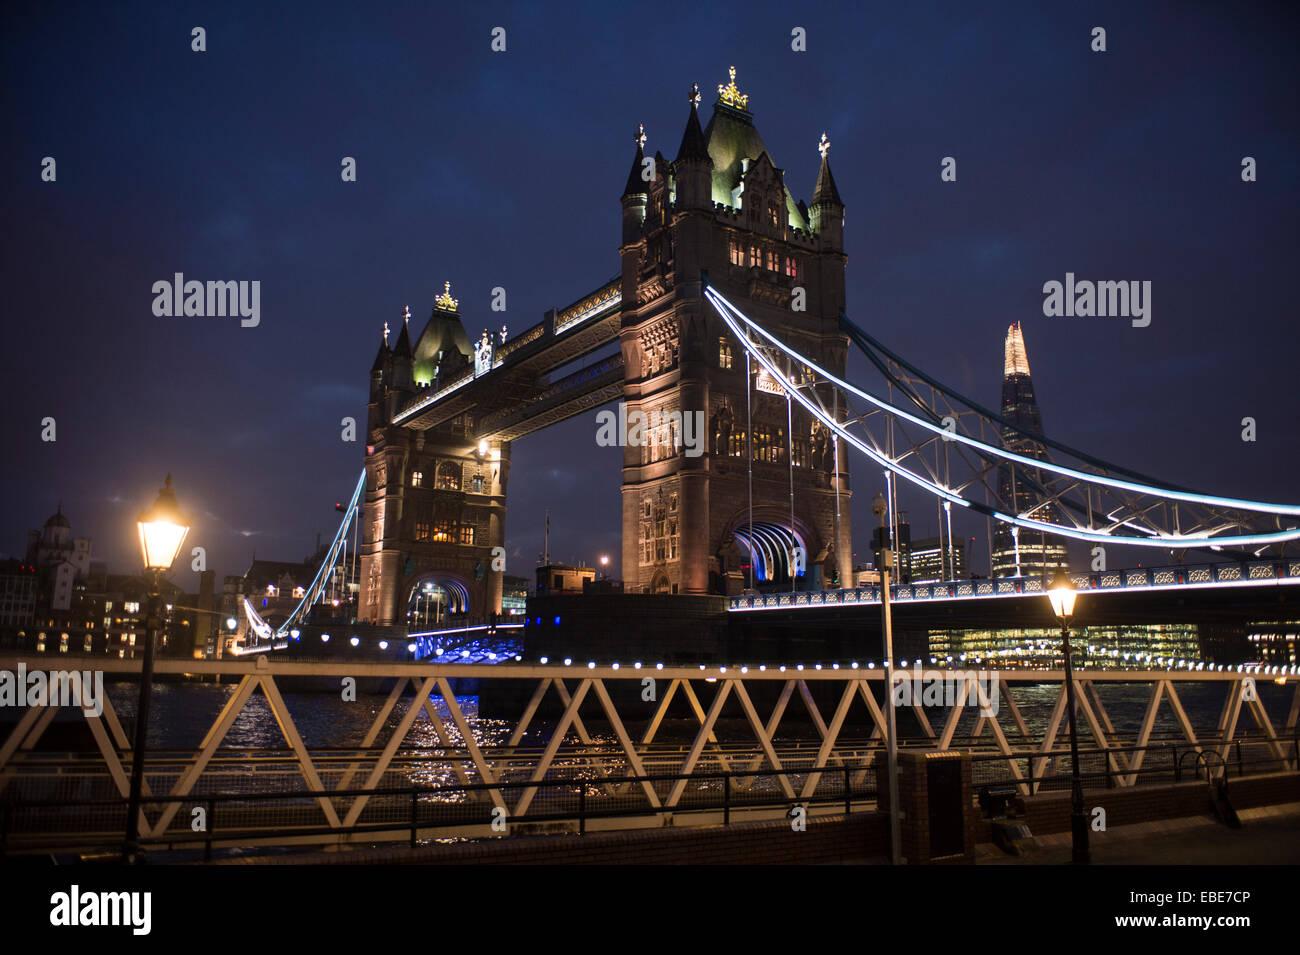 Pic muestra el Tower Bridge y el Shard en Londres, Inglaterra, fotografiada al atardecer Foto de stock